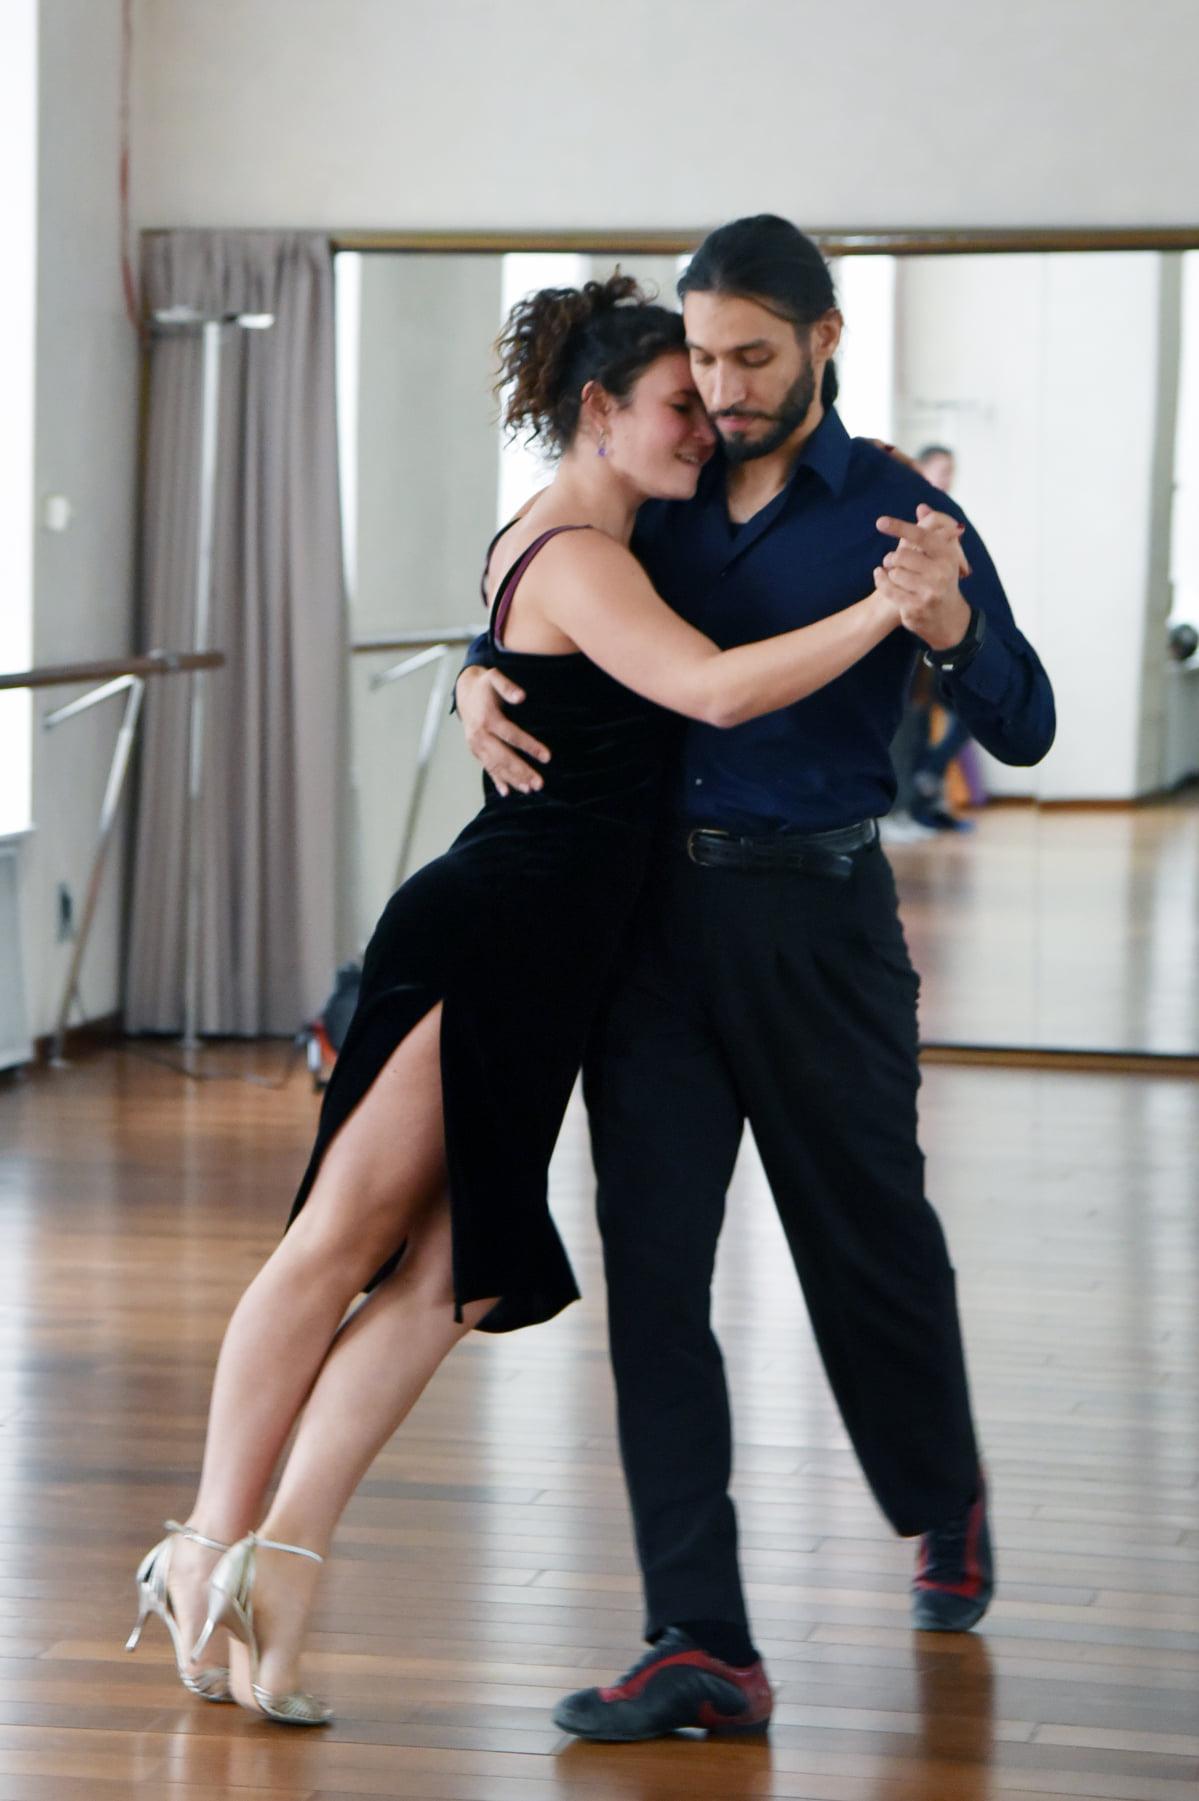 Что означает танго? — eta-dzeta.ru